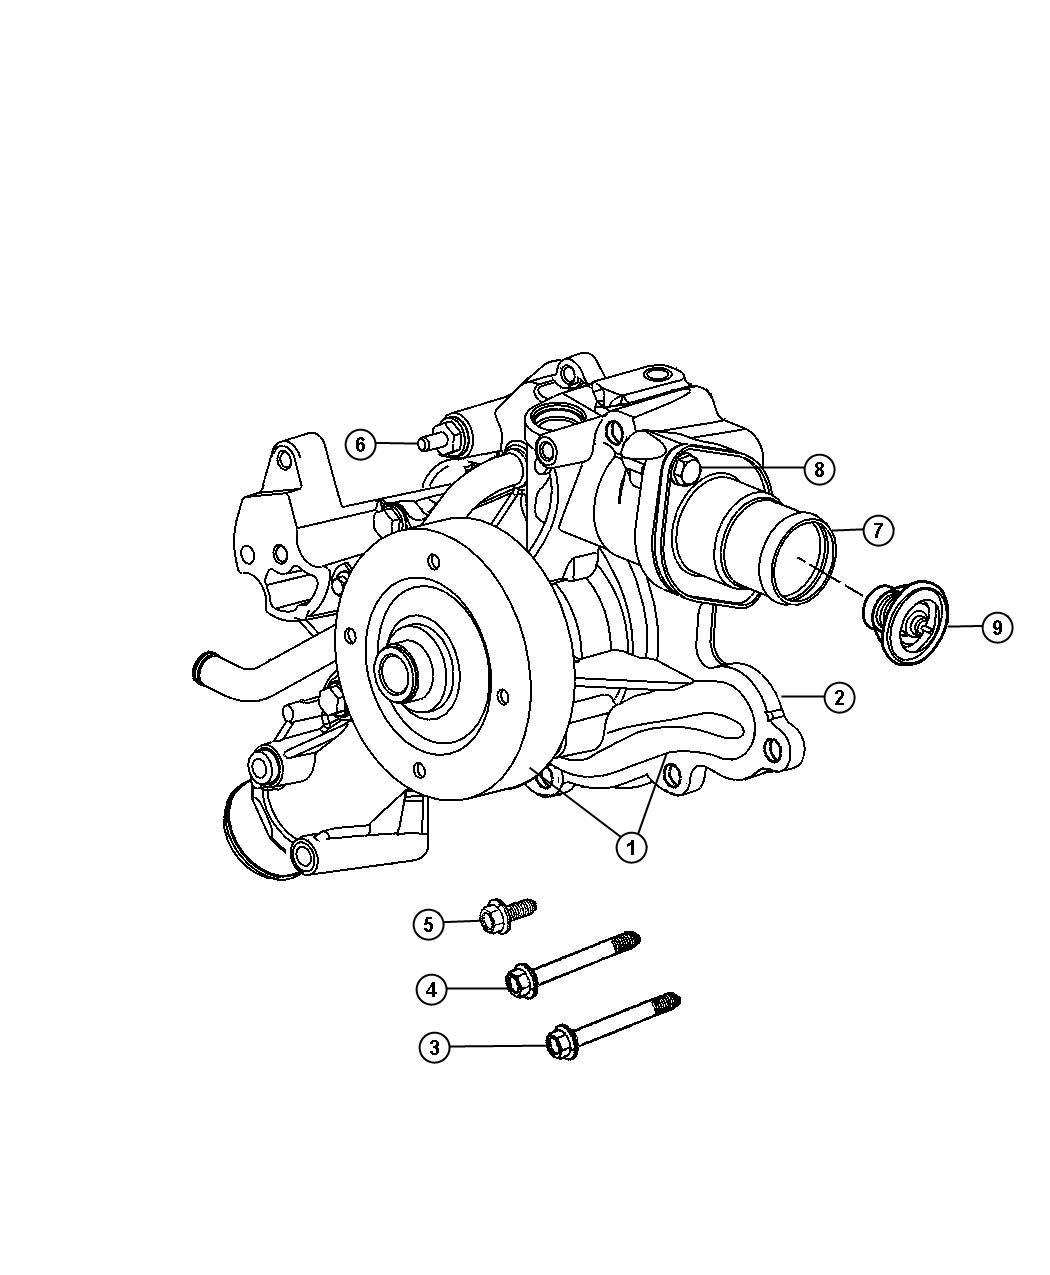 Dodge 2 4l Dohc Engine Diagram, Dodge, Get Free Image